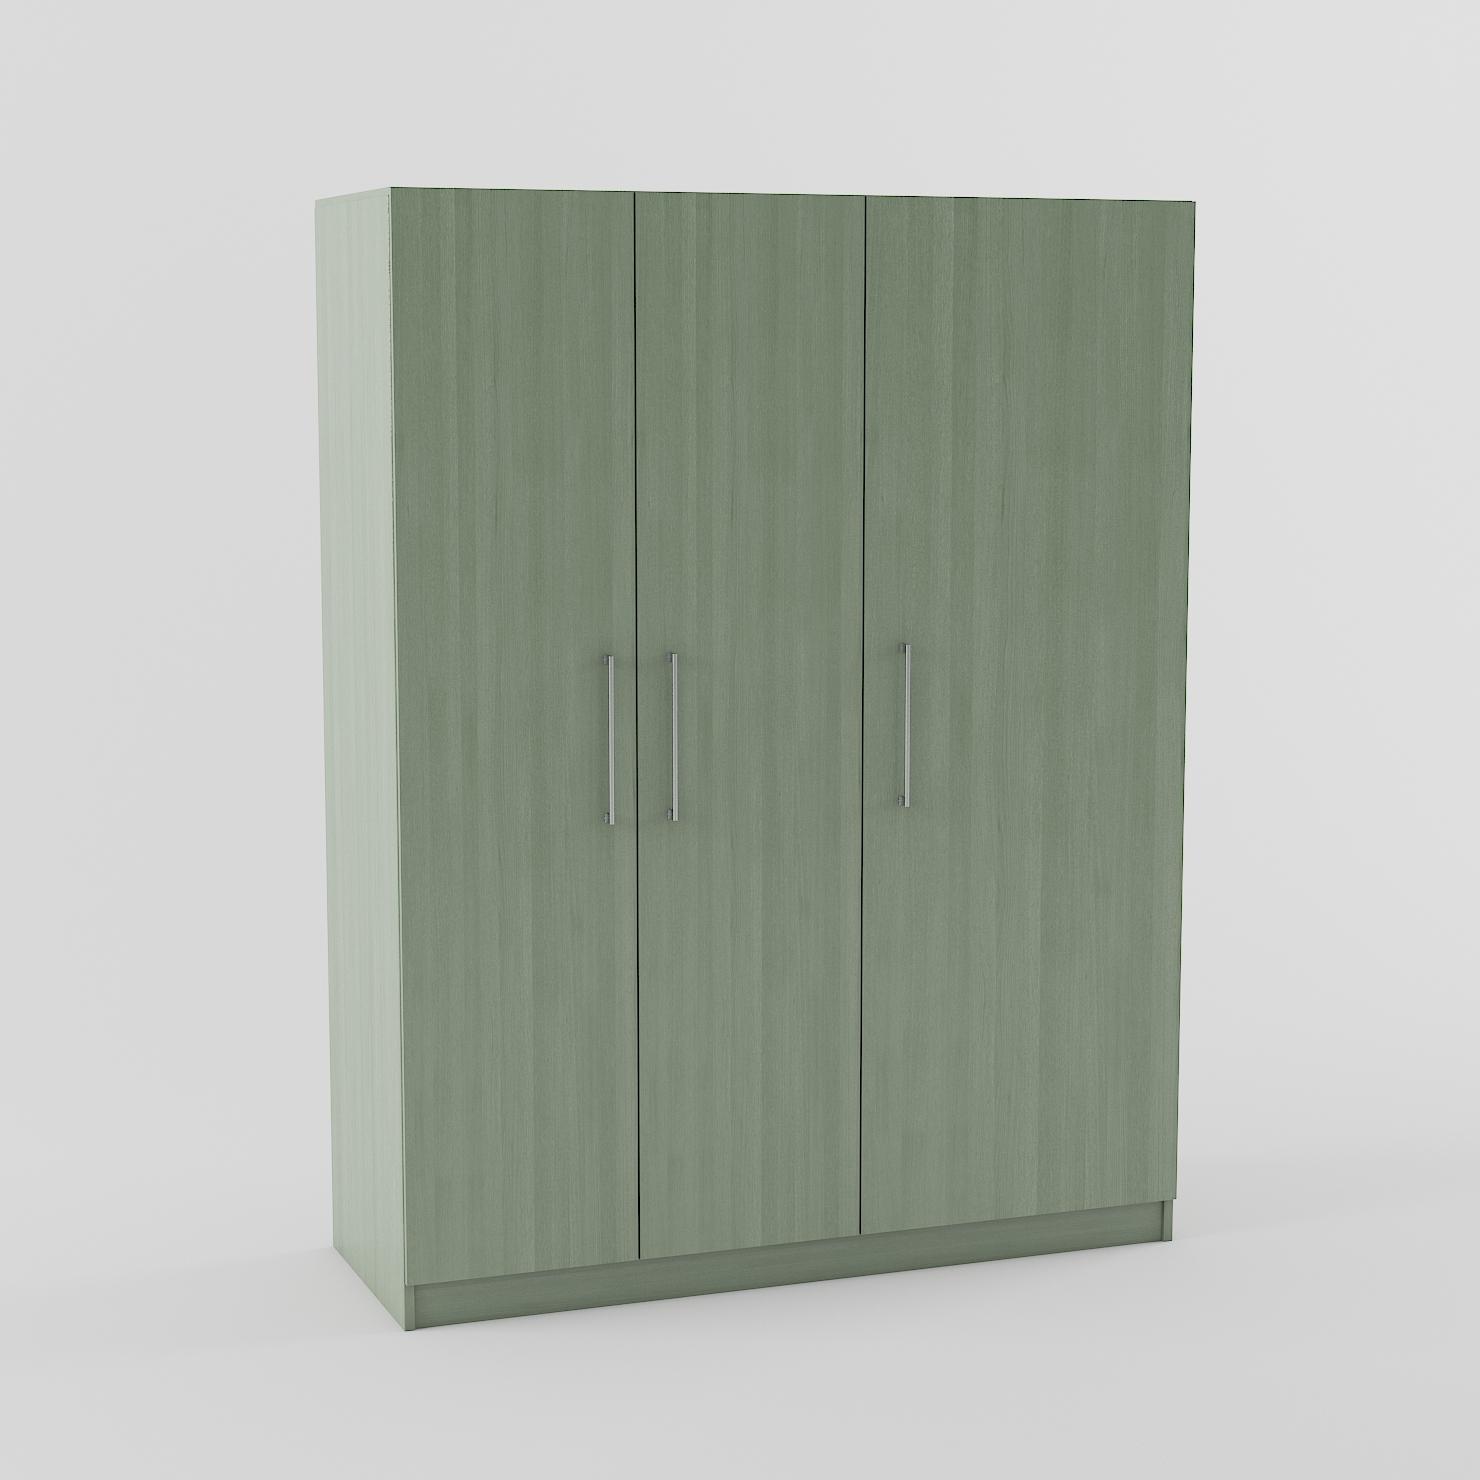 Dombas Wardrobe